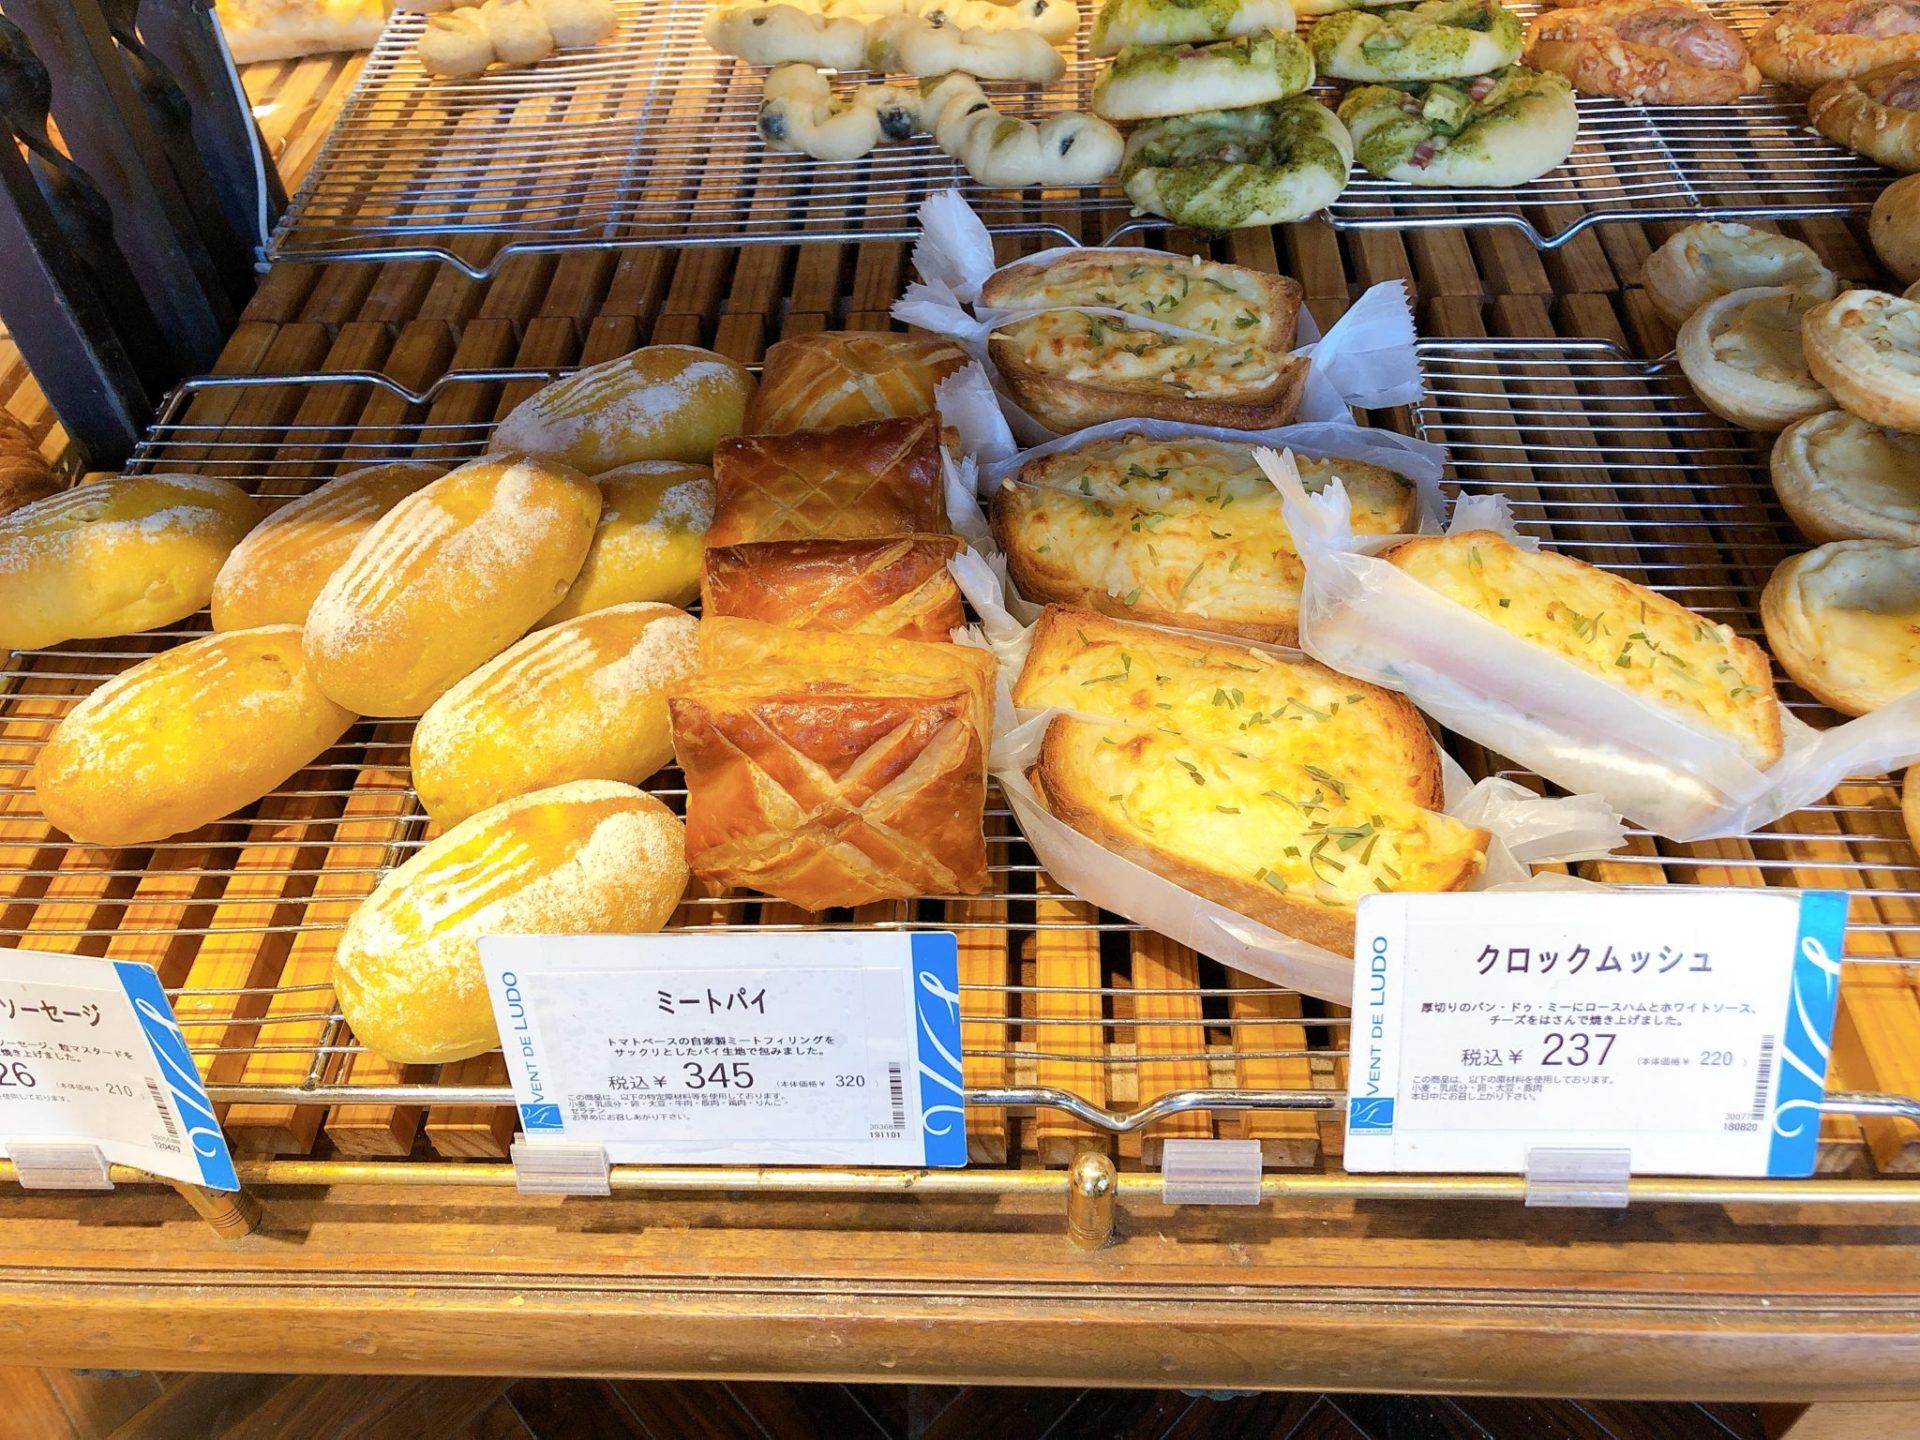 ヴァンドゥリュド 尾山台の惣菜パン